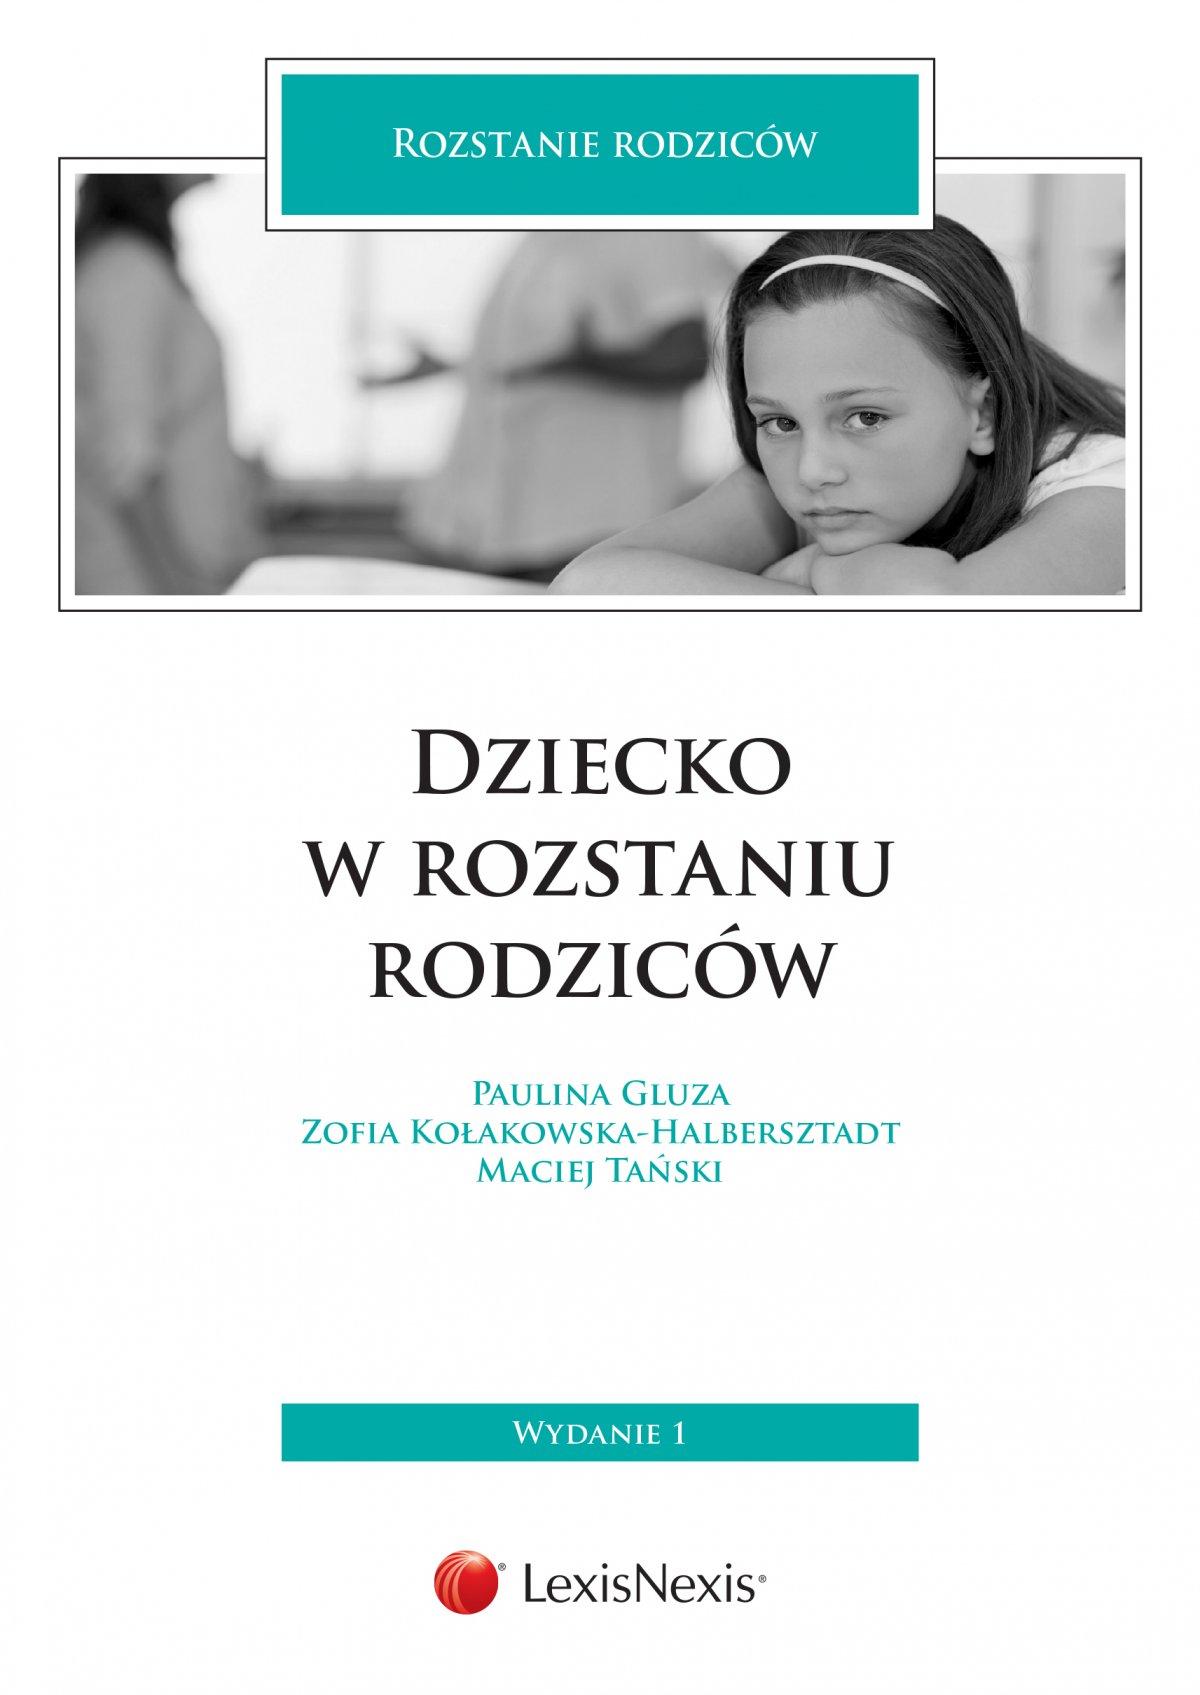 Dziecko w rozstaniu rodziców. Wydanie 1 - Ebook (Książka EPUB) do pobrania w formacie EPUB